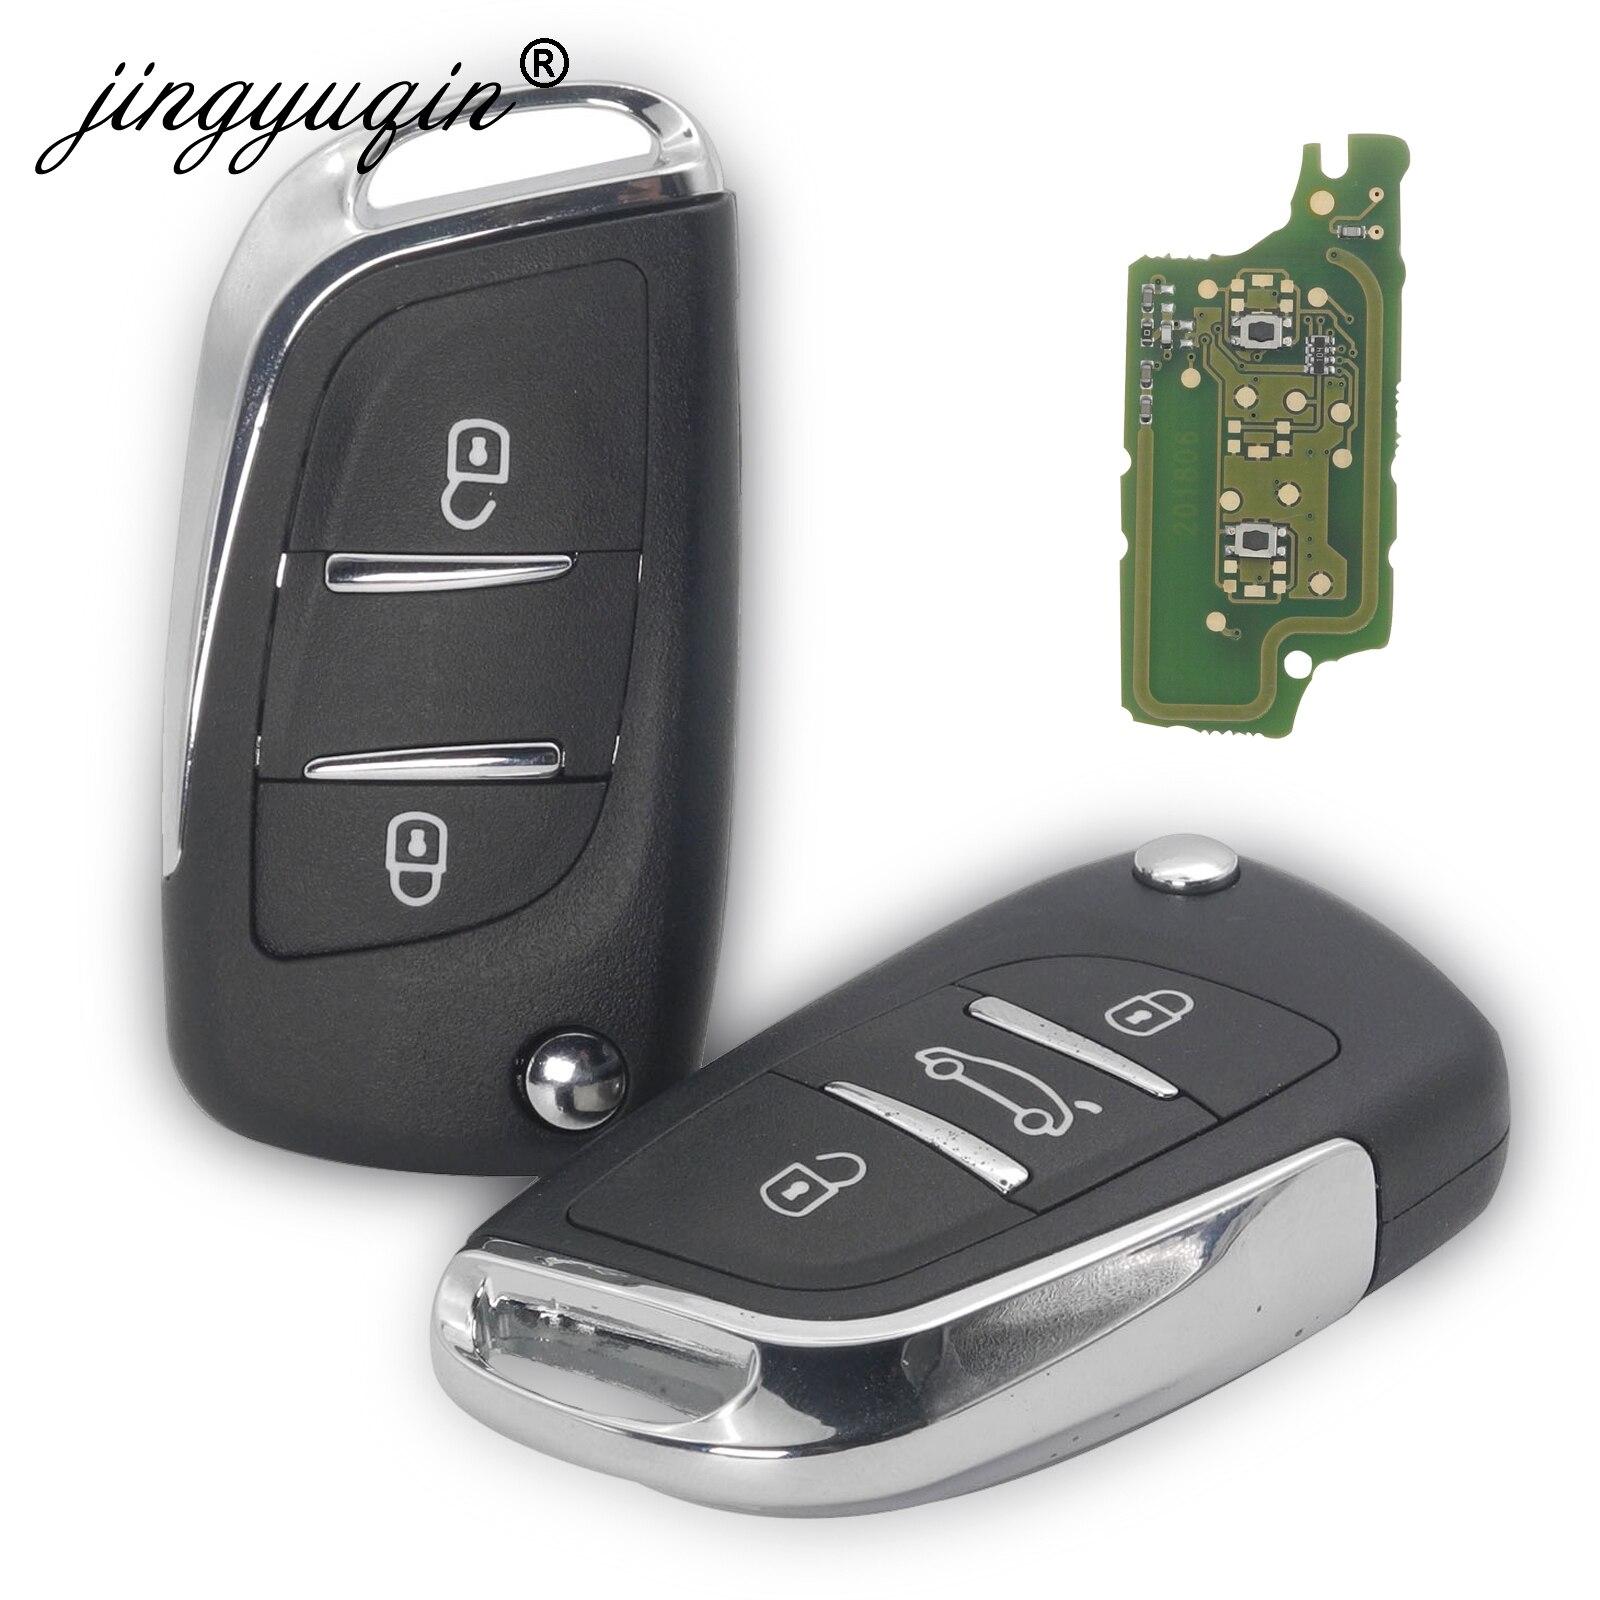 Peugeot RCZ 2009-2016 control remoto de 3 Botones Flip Llave HU83 ID46 433Mhz